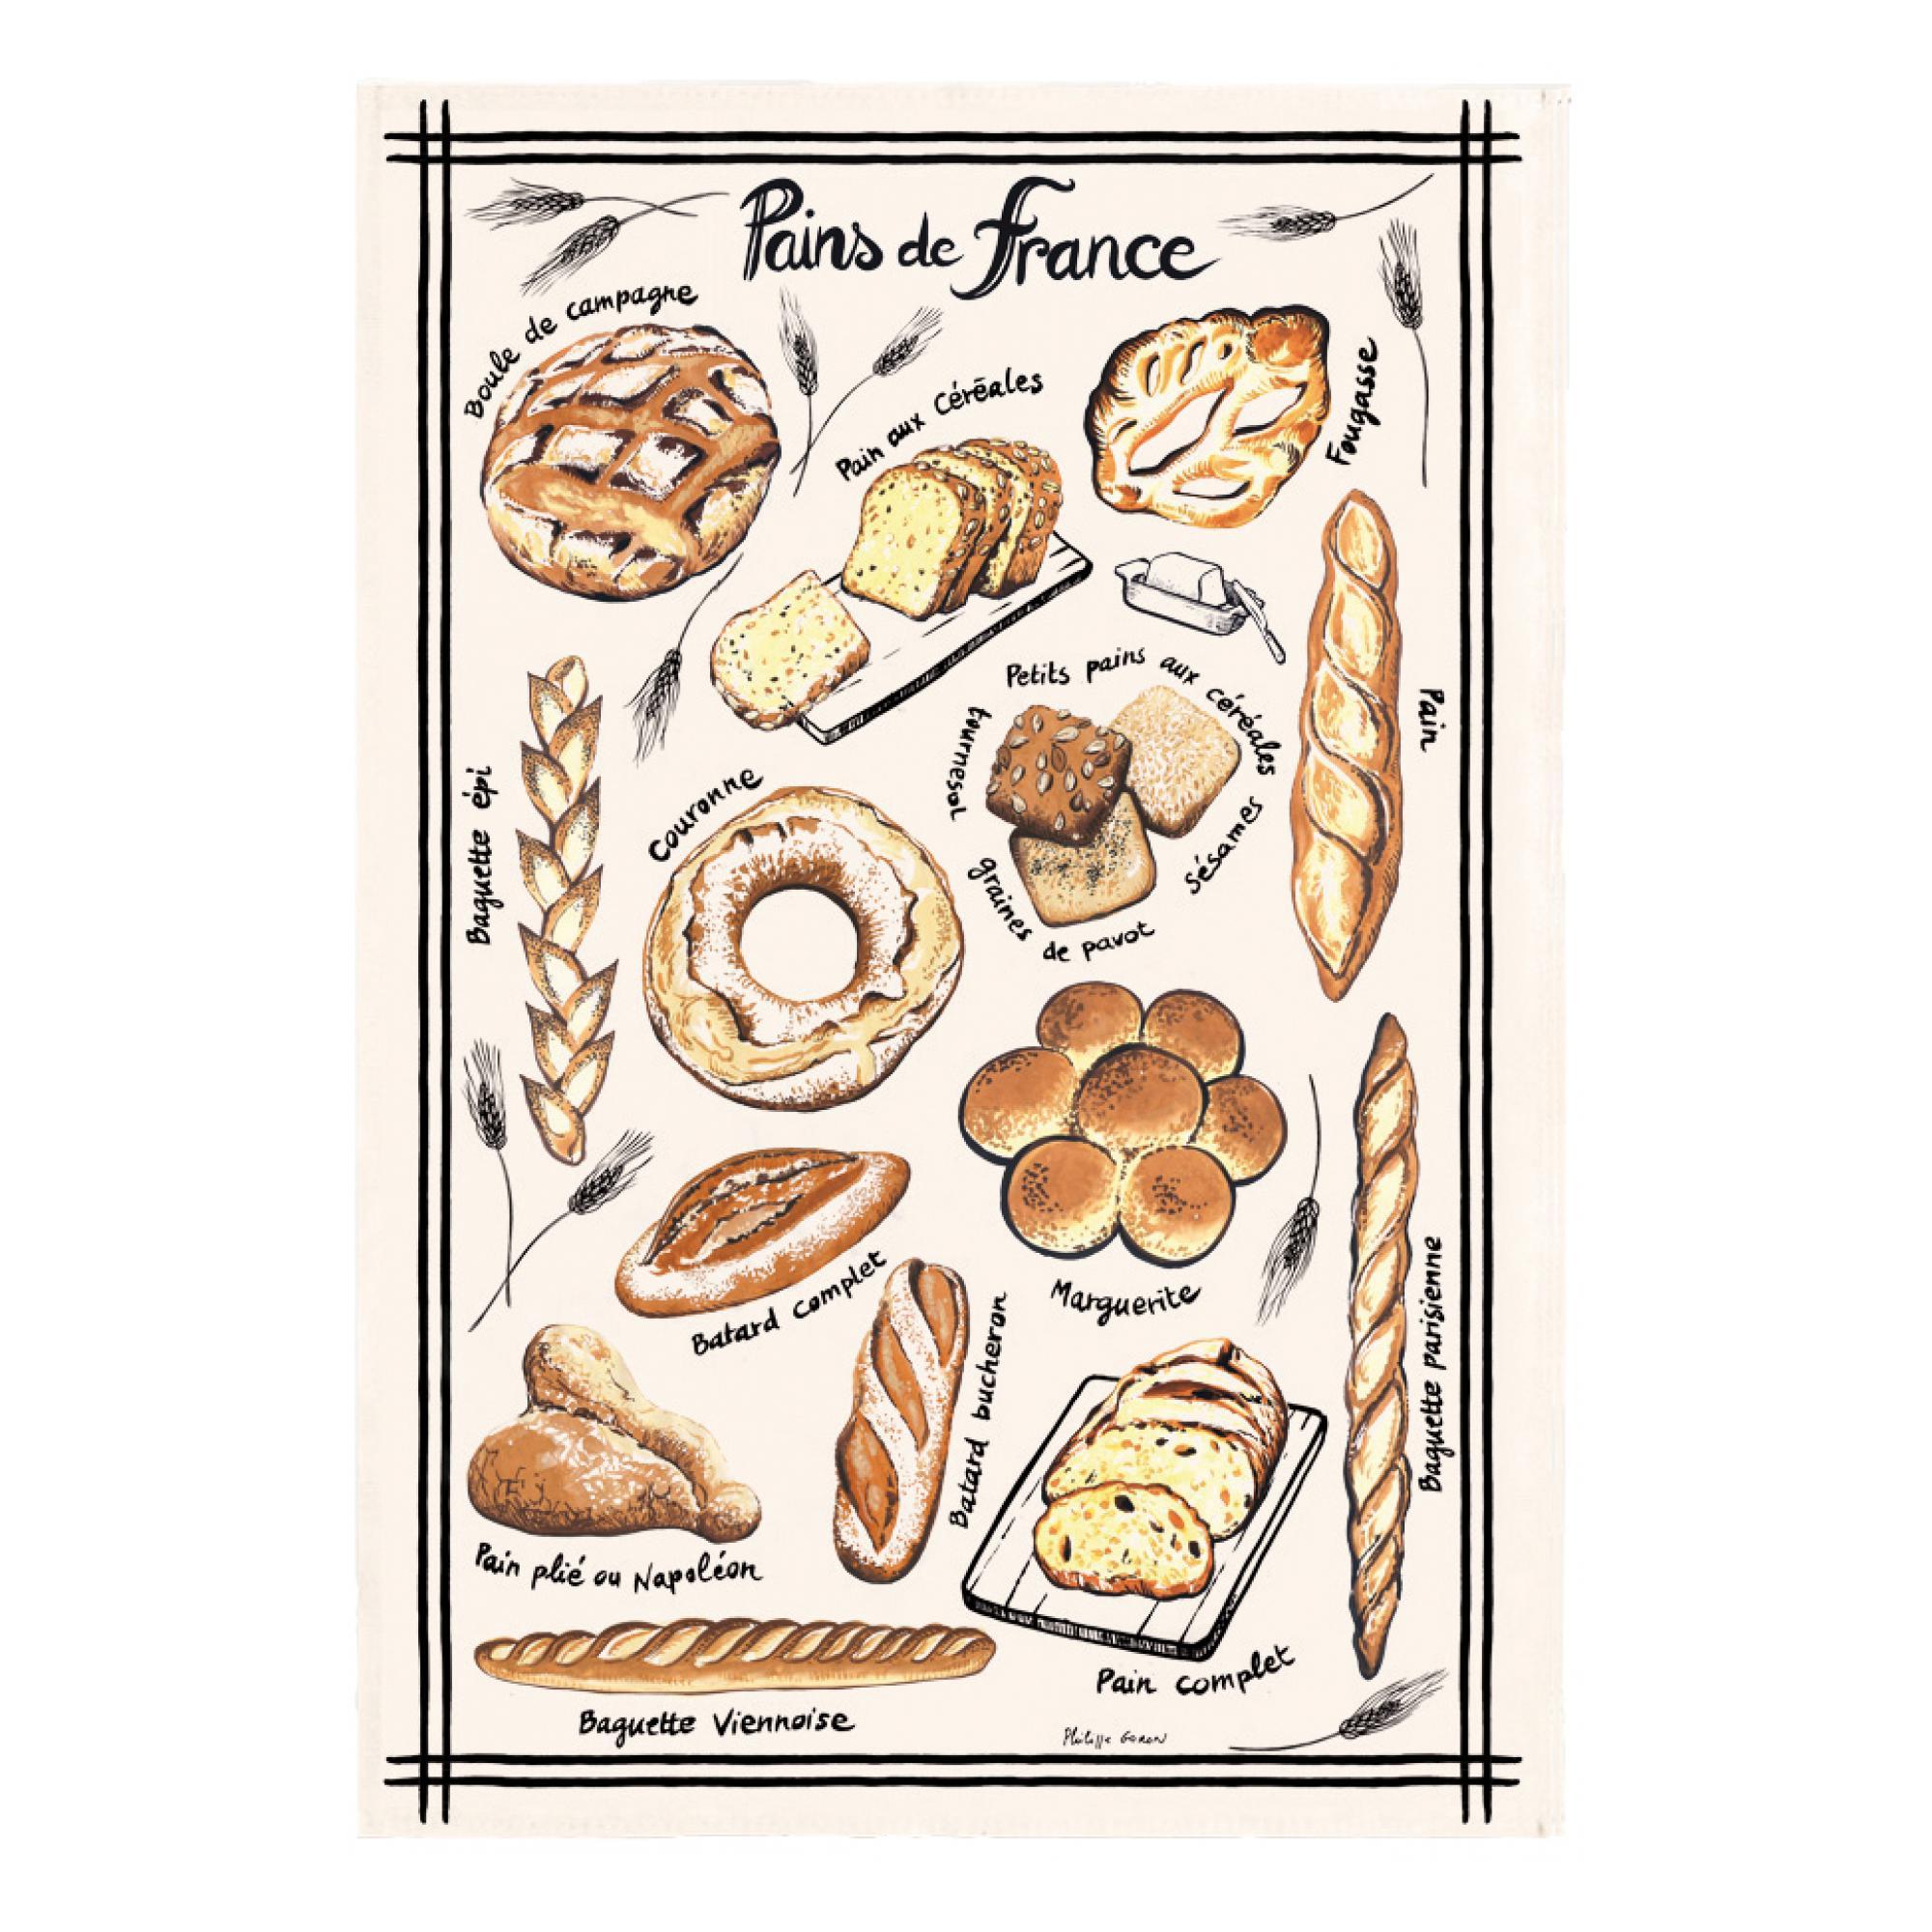 Torchon pains de france en coton ecru 48 x 72